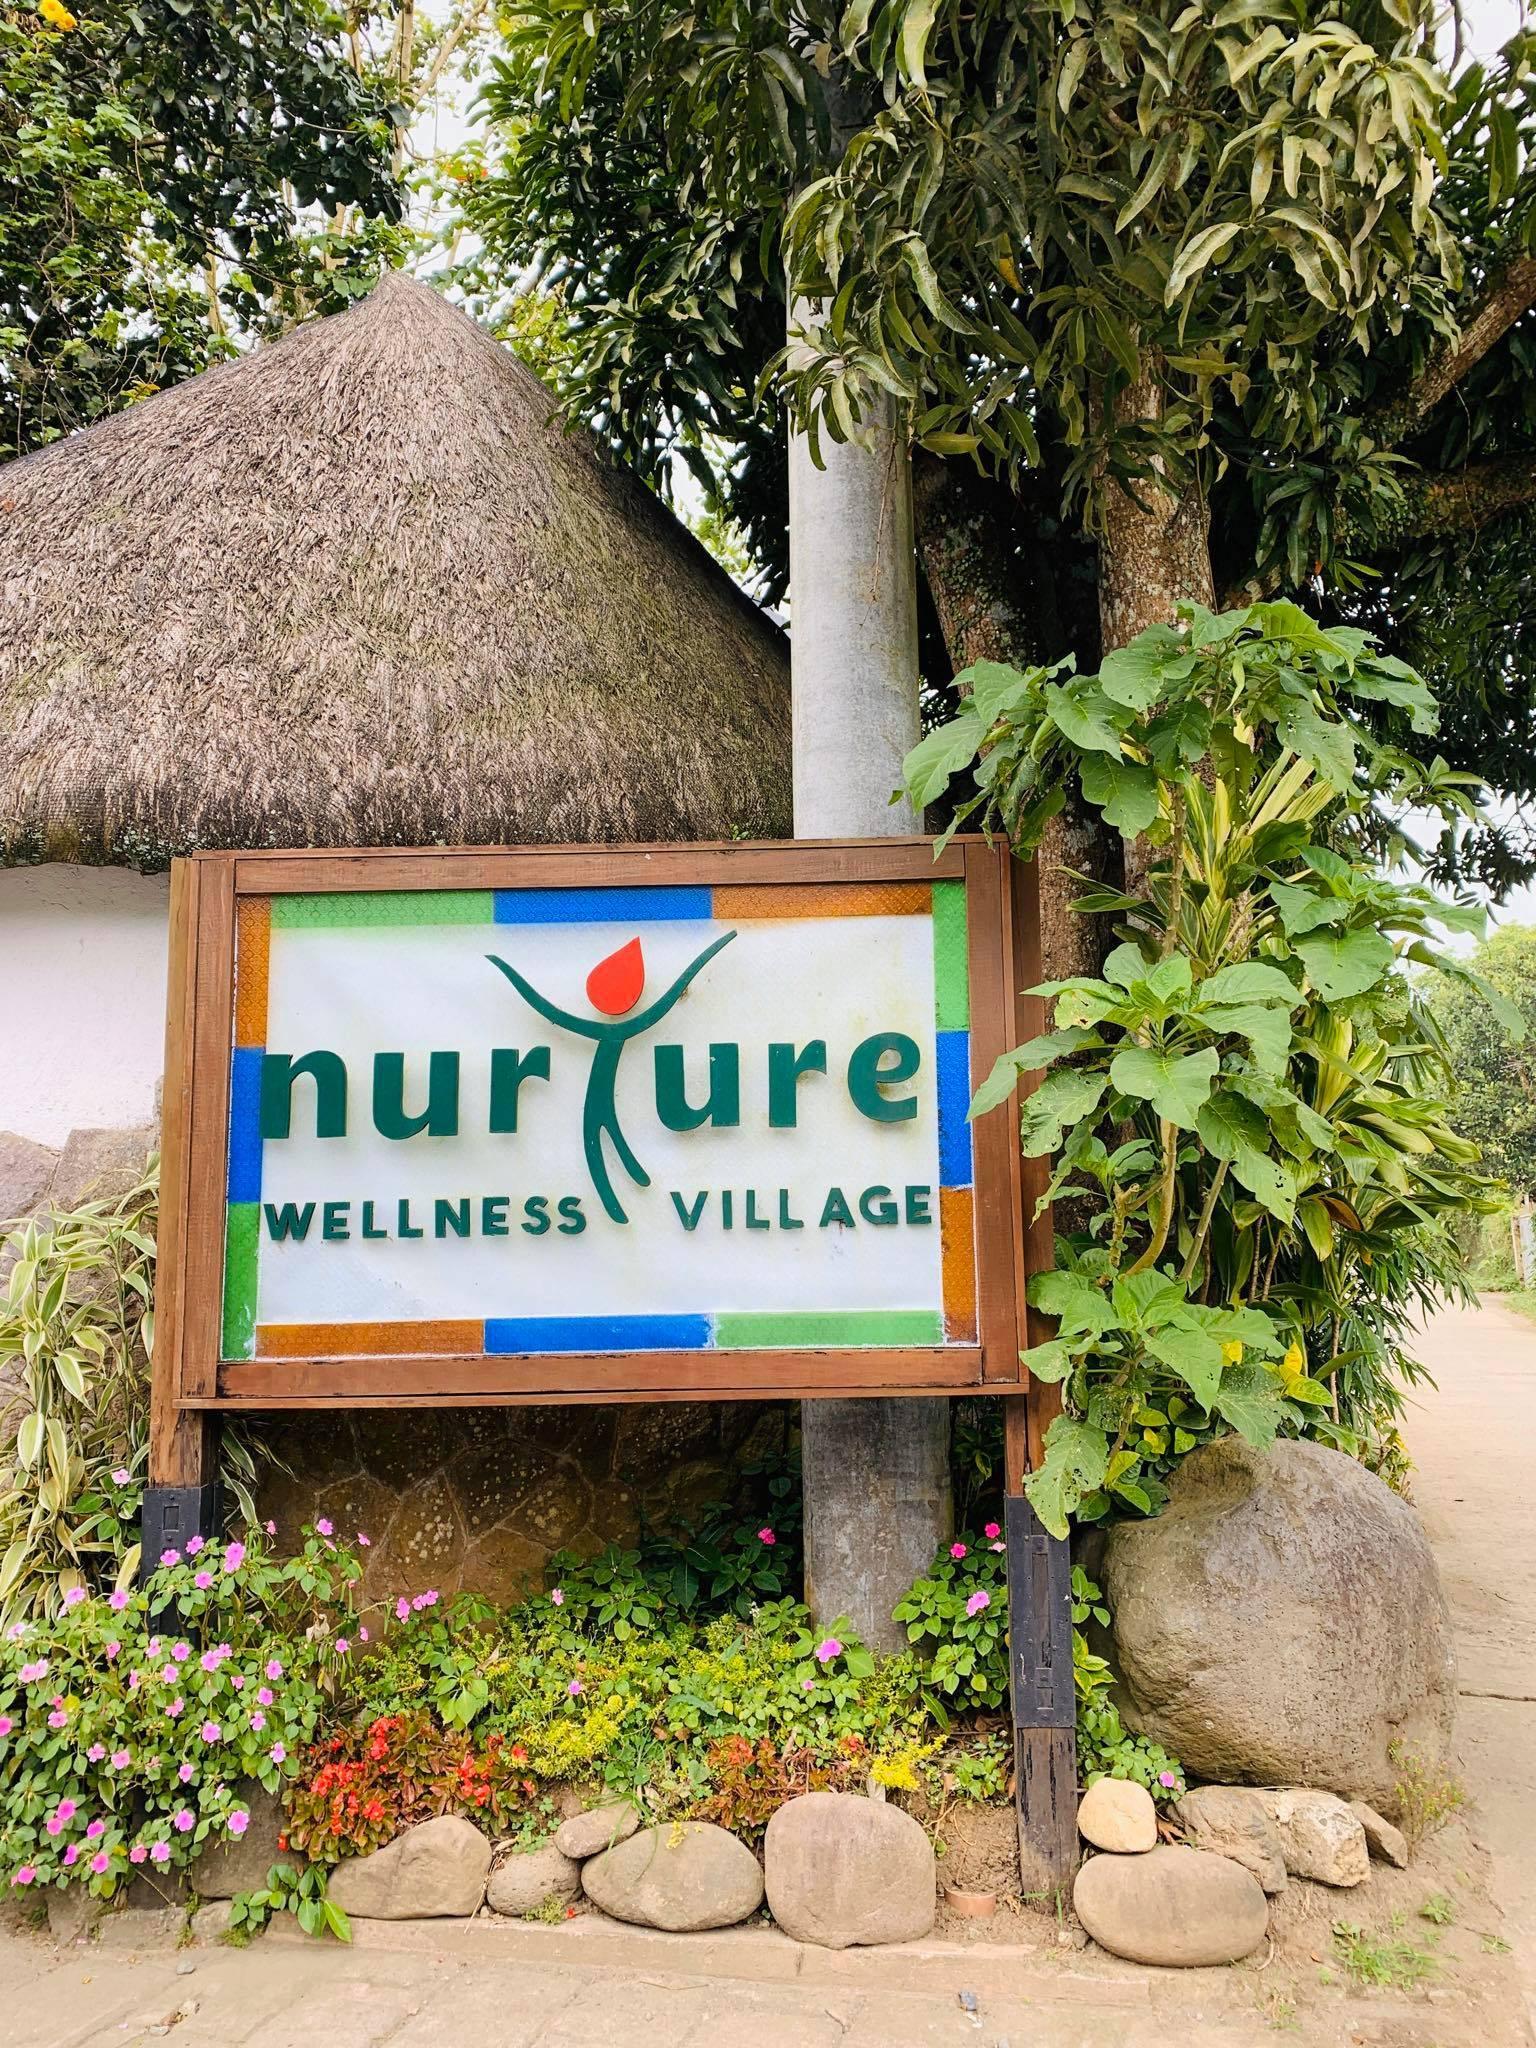 Our Stay in Nurture Wellness Village Resort in Tagaytay, Philippines1